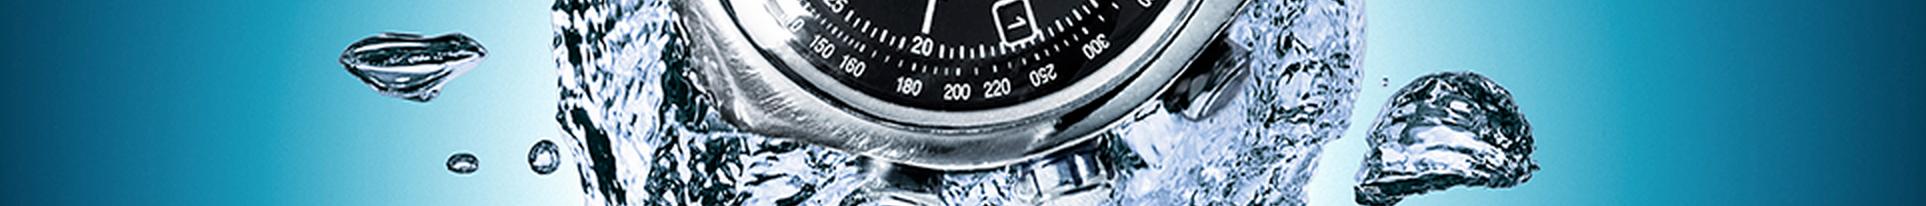 waterdicht-horloge